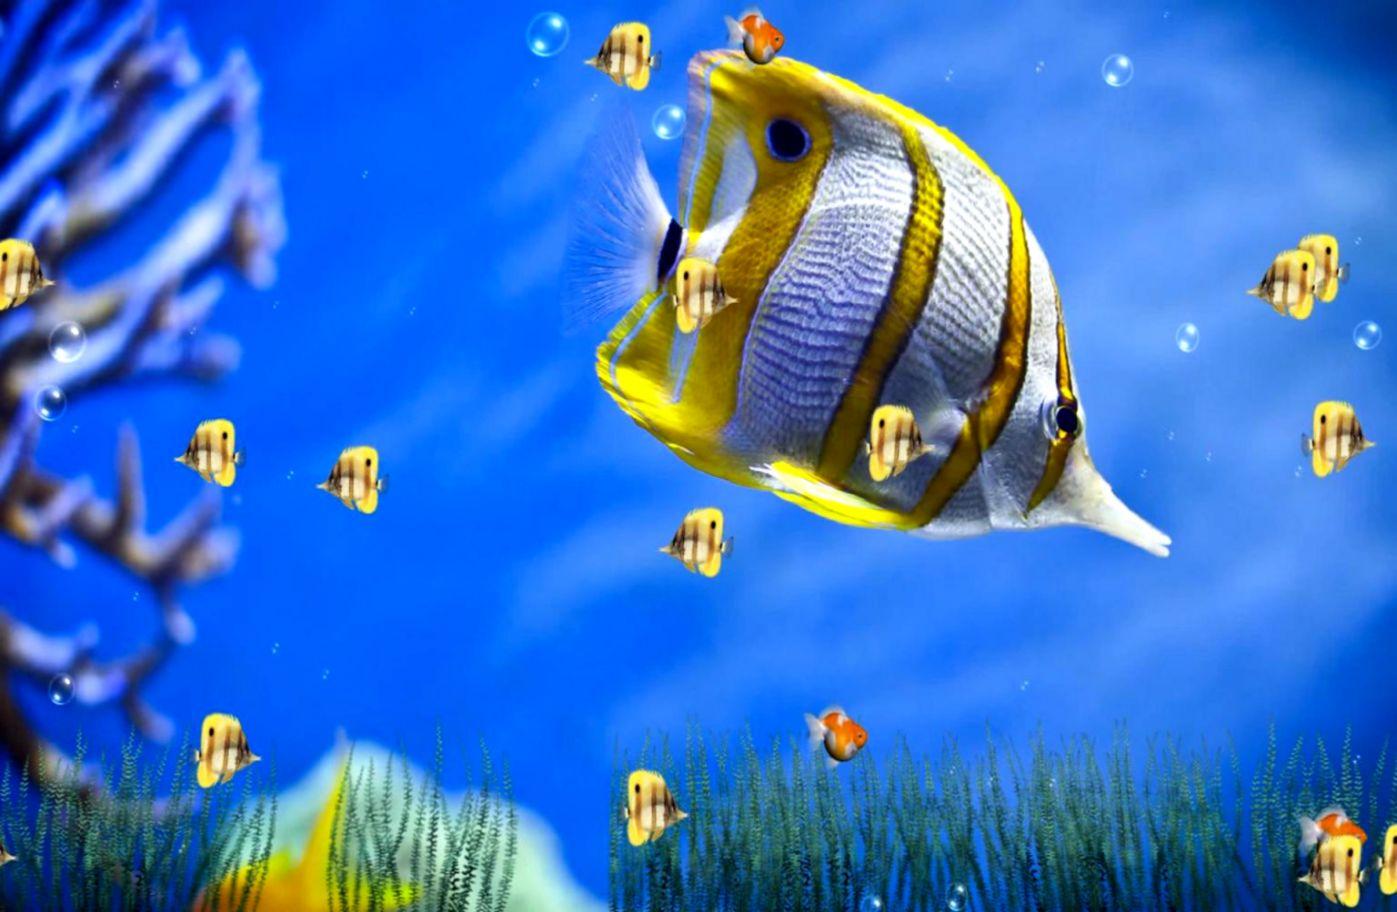 Download Marine Life Aquarium Animated Wallpaper